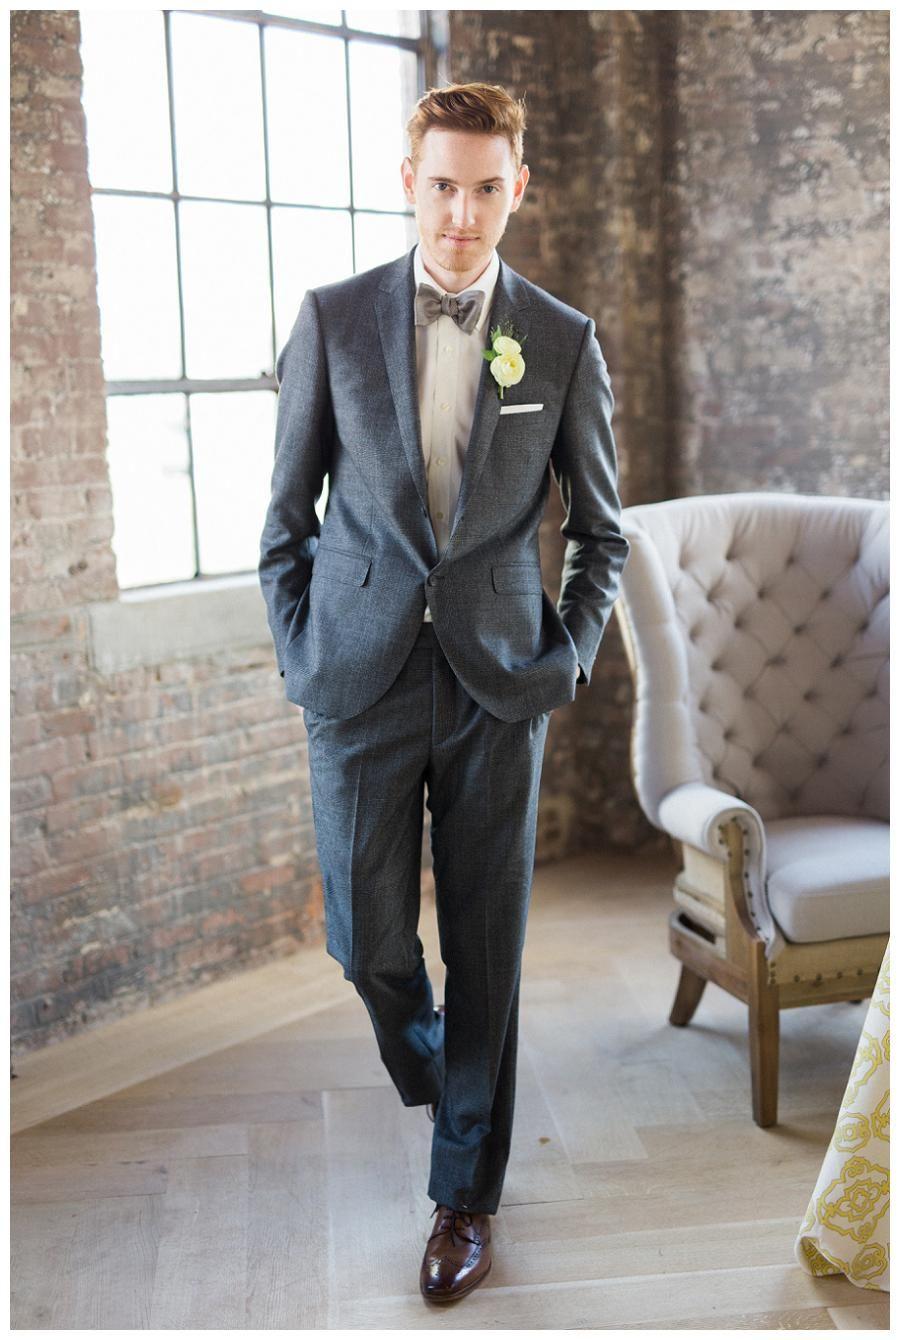 Fantastisch Kohle Graue Anzug Hochzeit Galerie - Hochzeit Kleid ...